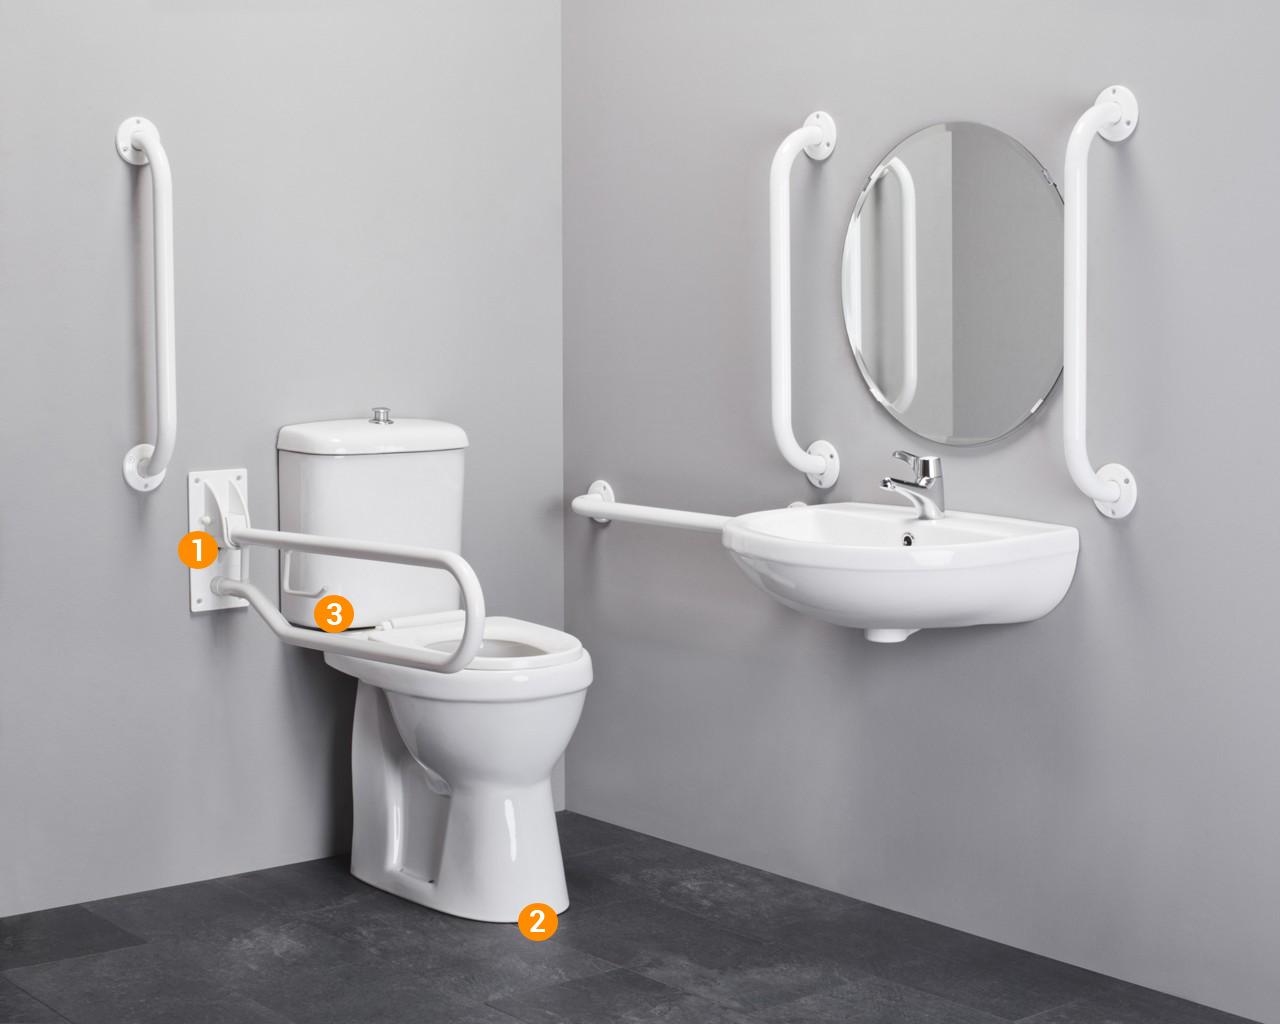 comfort en veiligheid in de badkamer, zo pakt u het aan, Badkamer